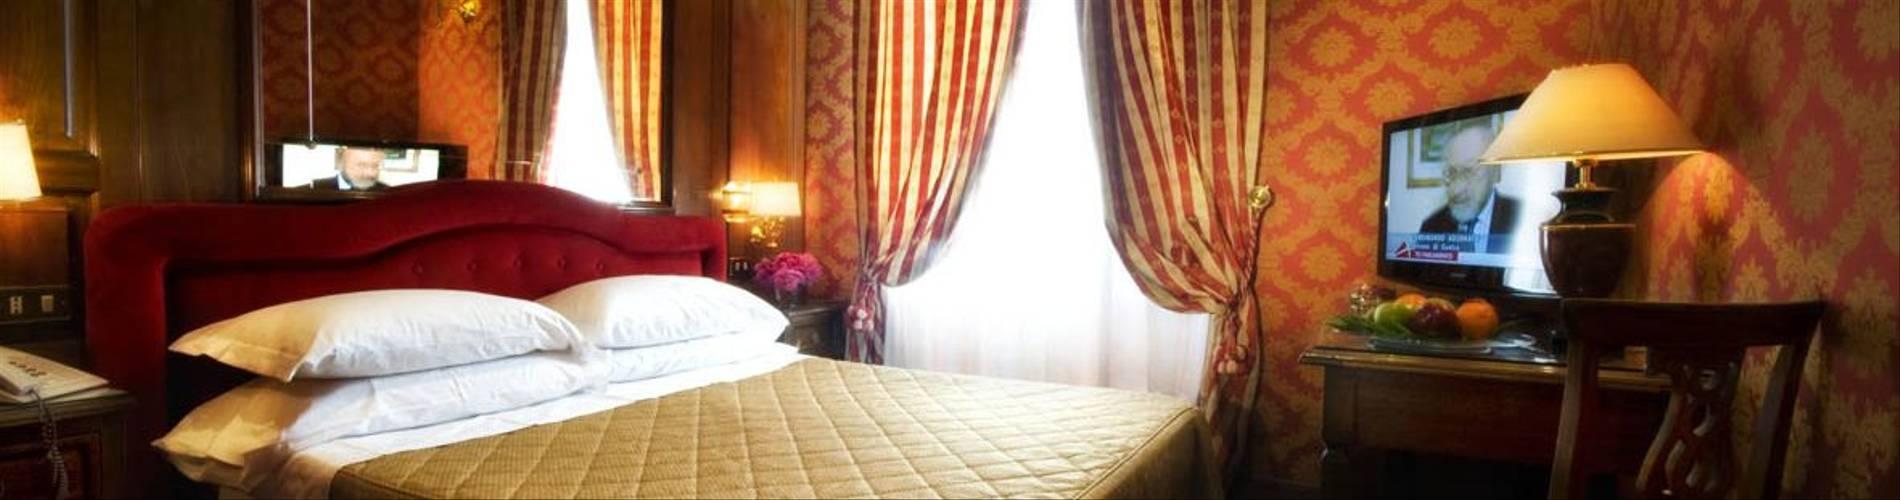 Hotel Morgana 7.jpg